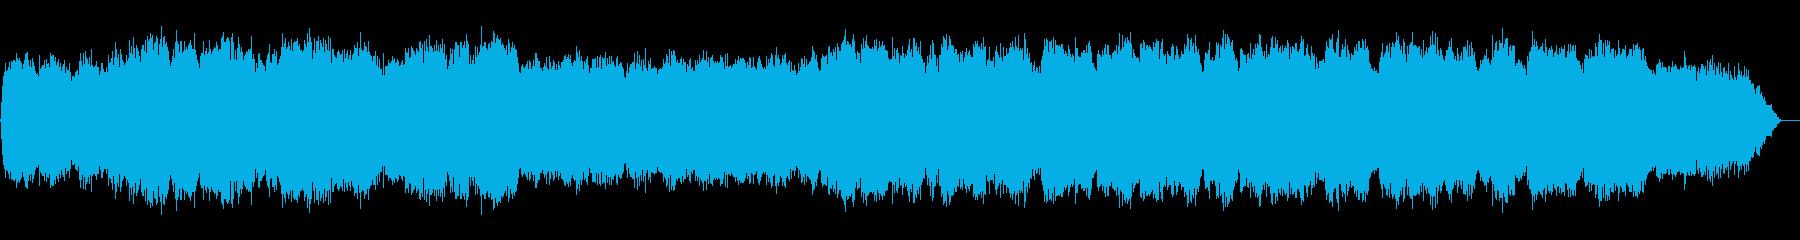 笛の音色が印象的なヒーリングミュージックの再生済みの波形